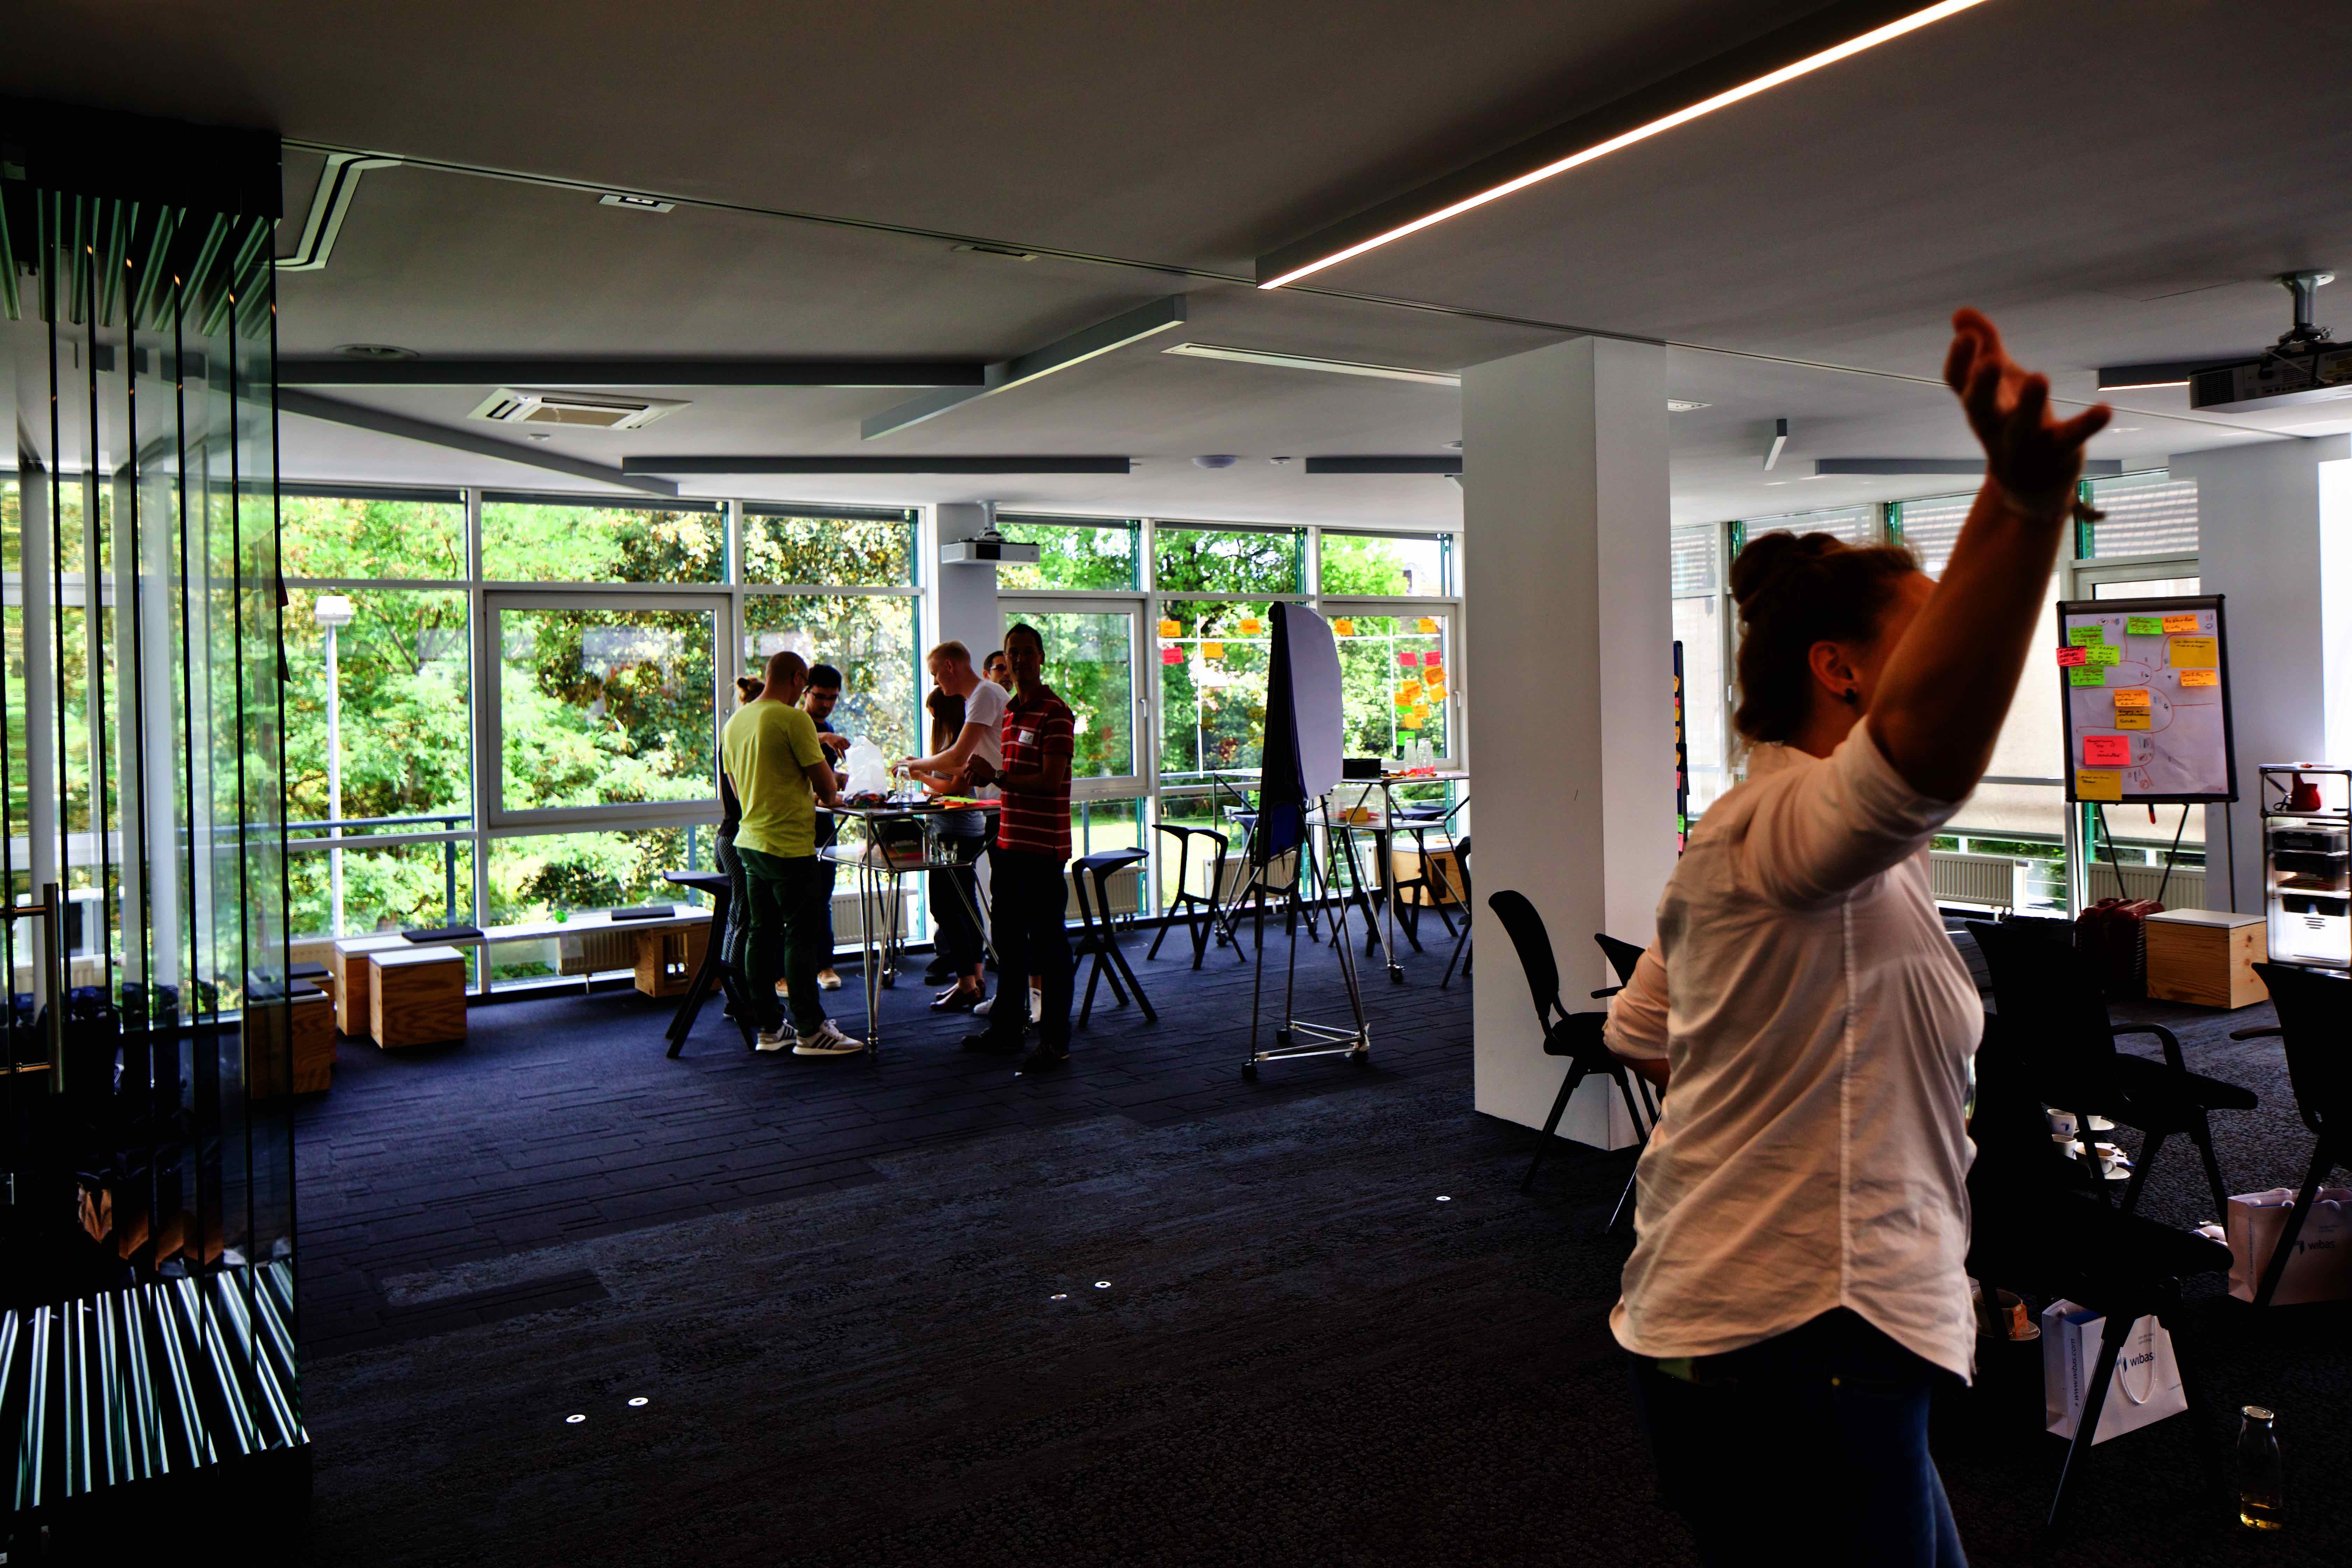 großer Raum mit Stühlen und Arbeitsbereich, in dem Menschen um hohe Tische stehen und zusammen arbeiten